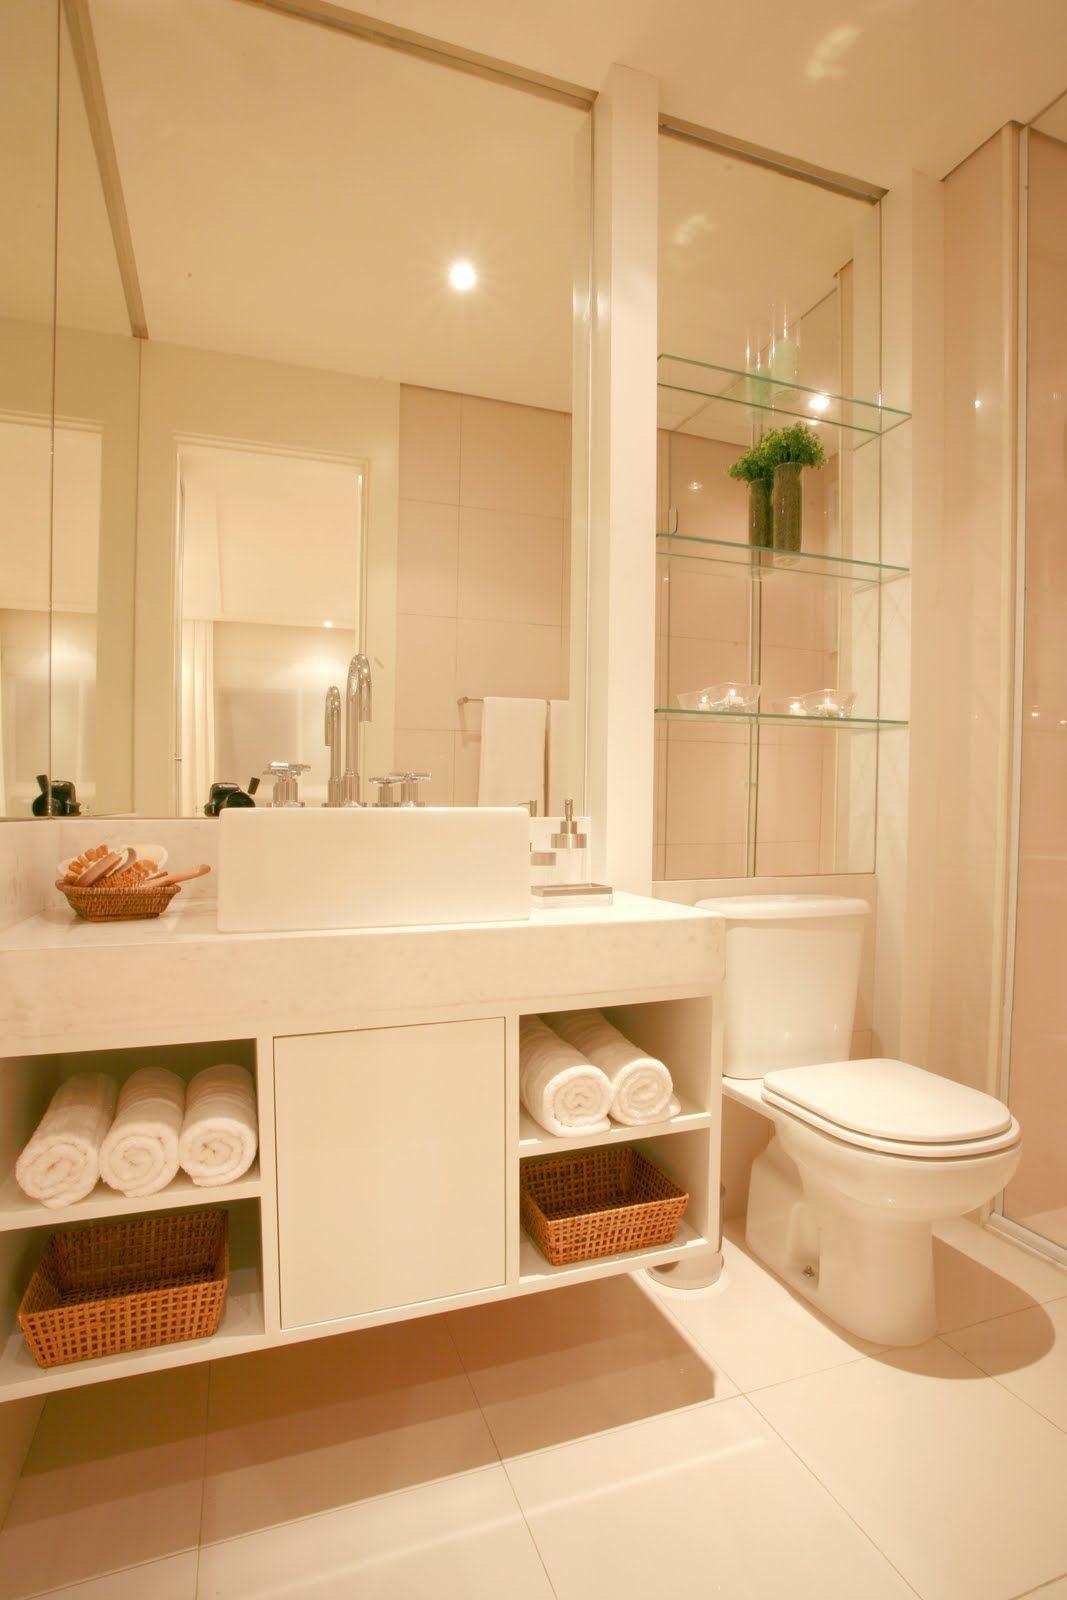 Fui Morar Numa Casinha : Banheiros: decoração X utilidade #492C04 1067 1600